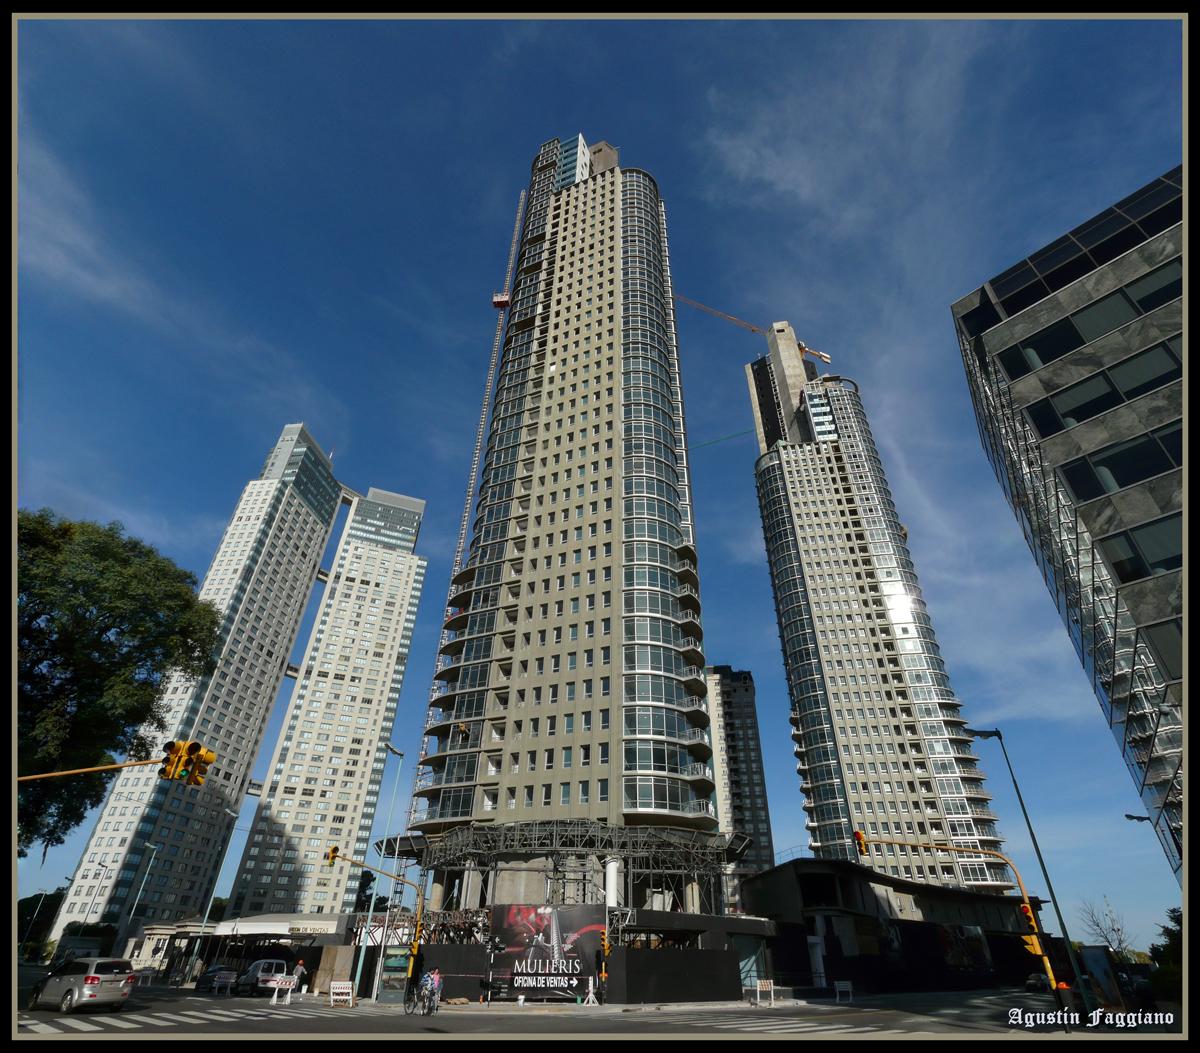 Puerto madero suma 26 torres y gana altura for Piso 9 del hotel madero